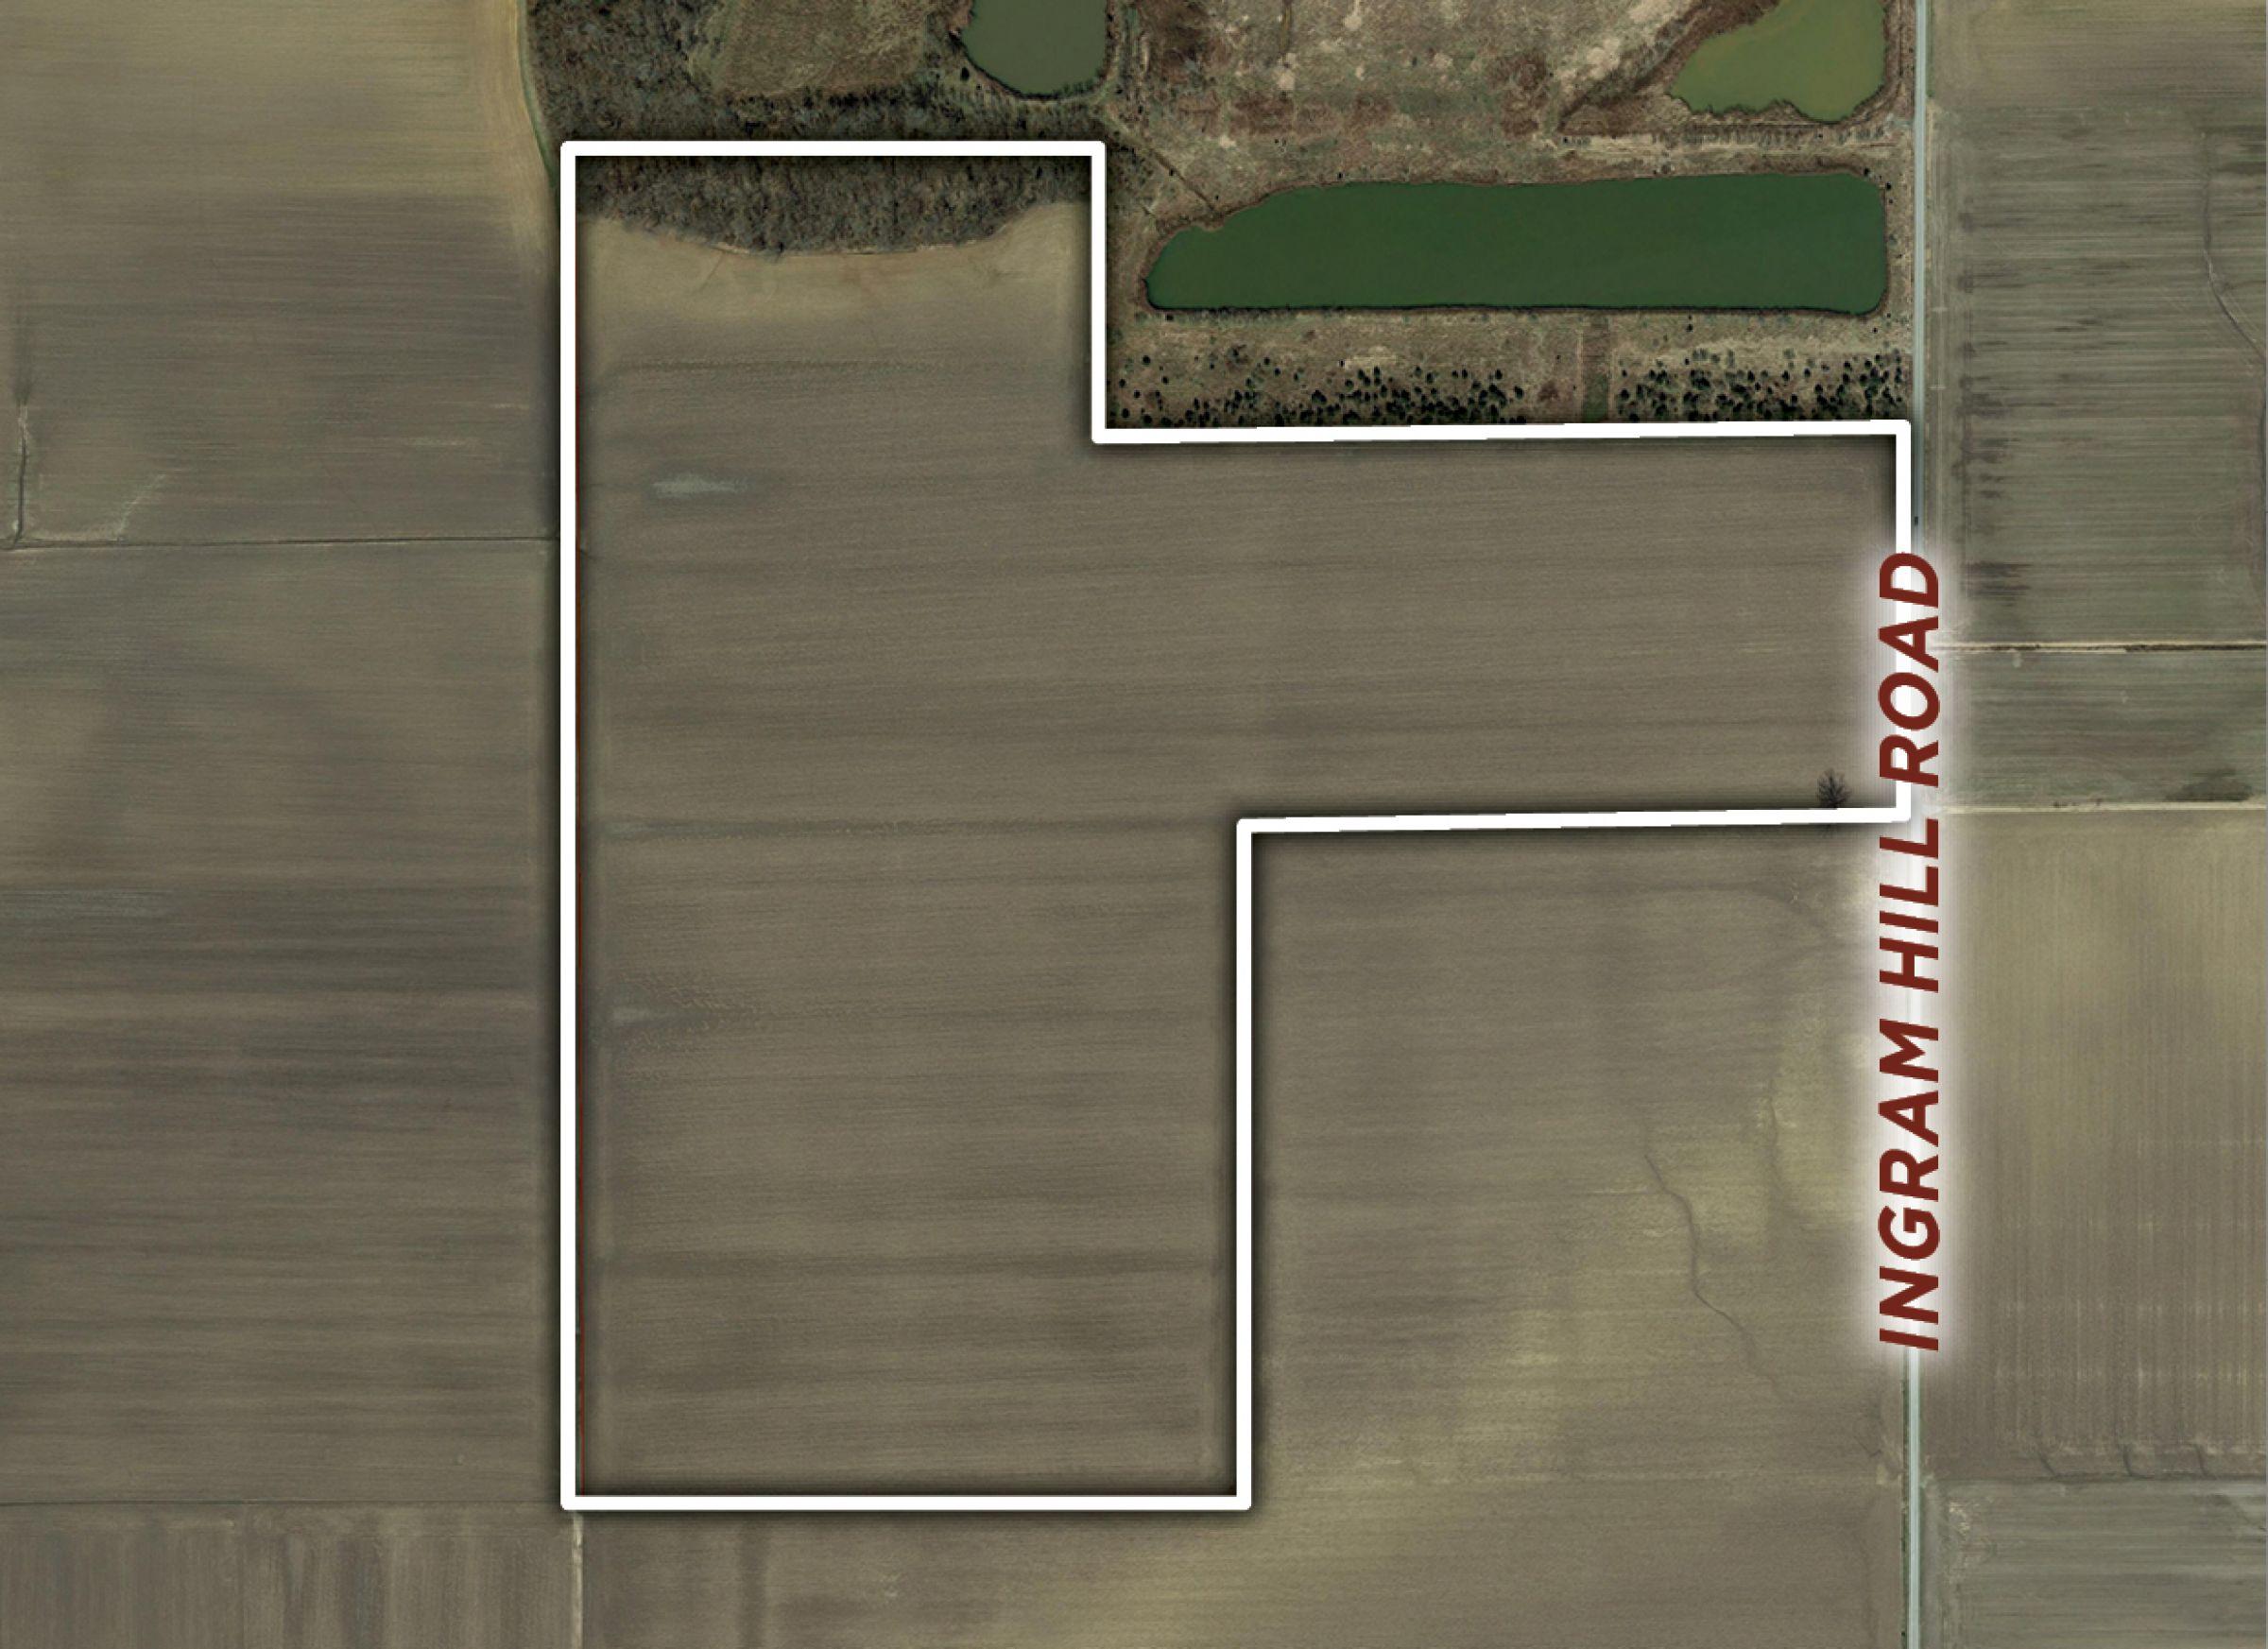 5-ingram-hill-road-62946-2-2020-10-15-152615.jpg